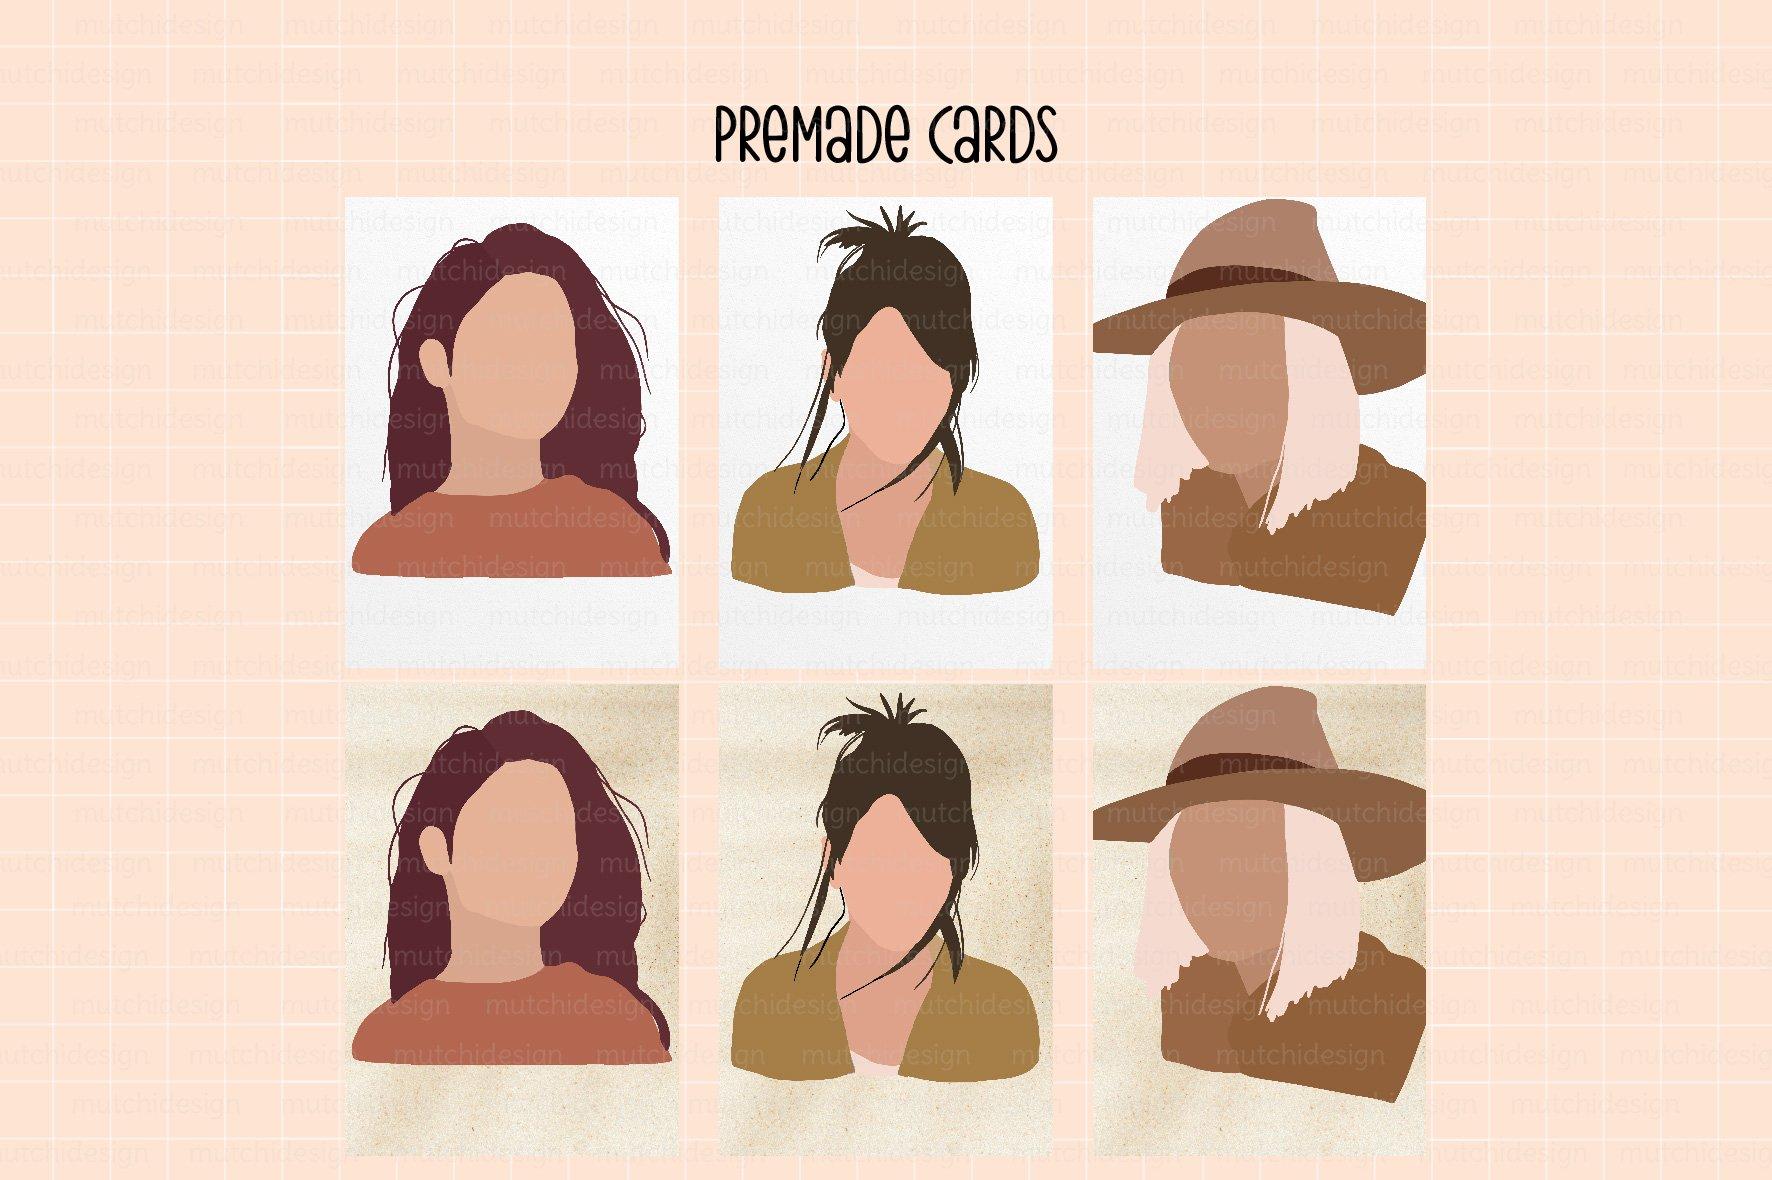 26个女性肖像树叶手绘剪贴画矢量图设计素材 Boho SVG, EPS, PNG Graphics插图2